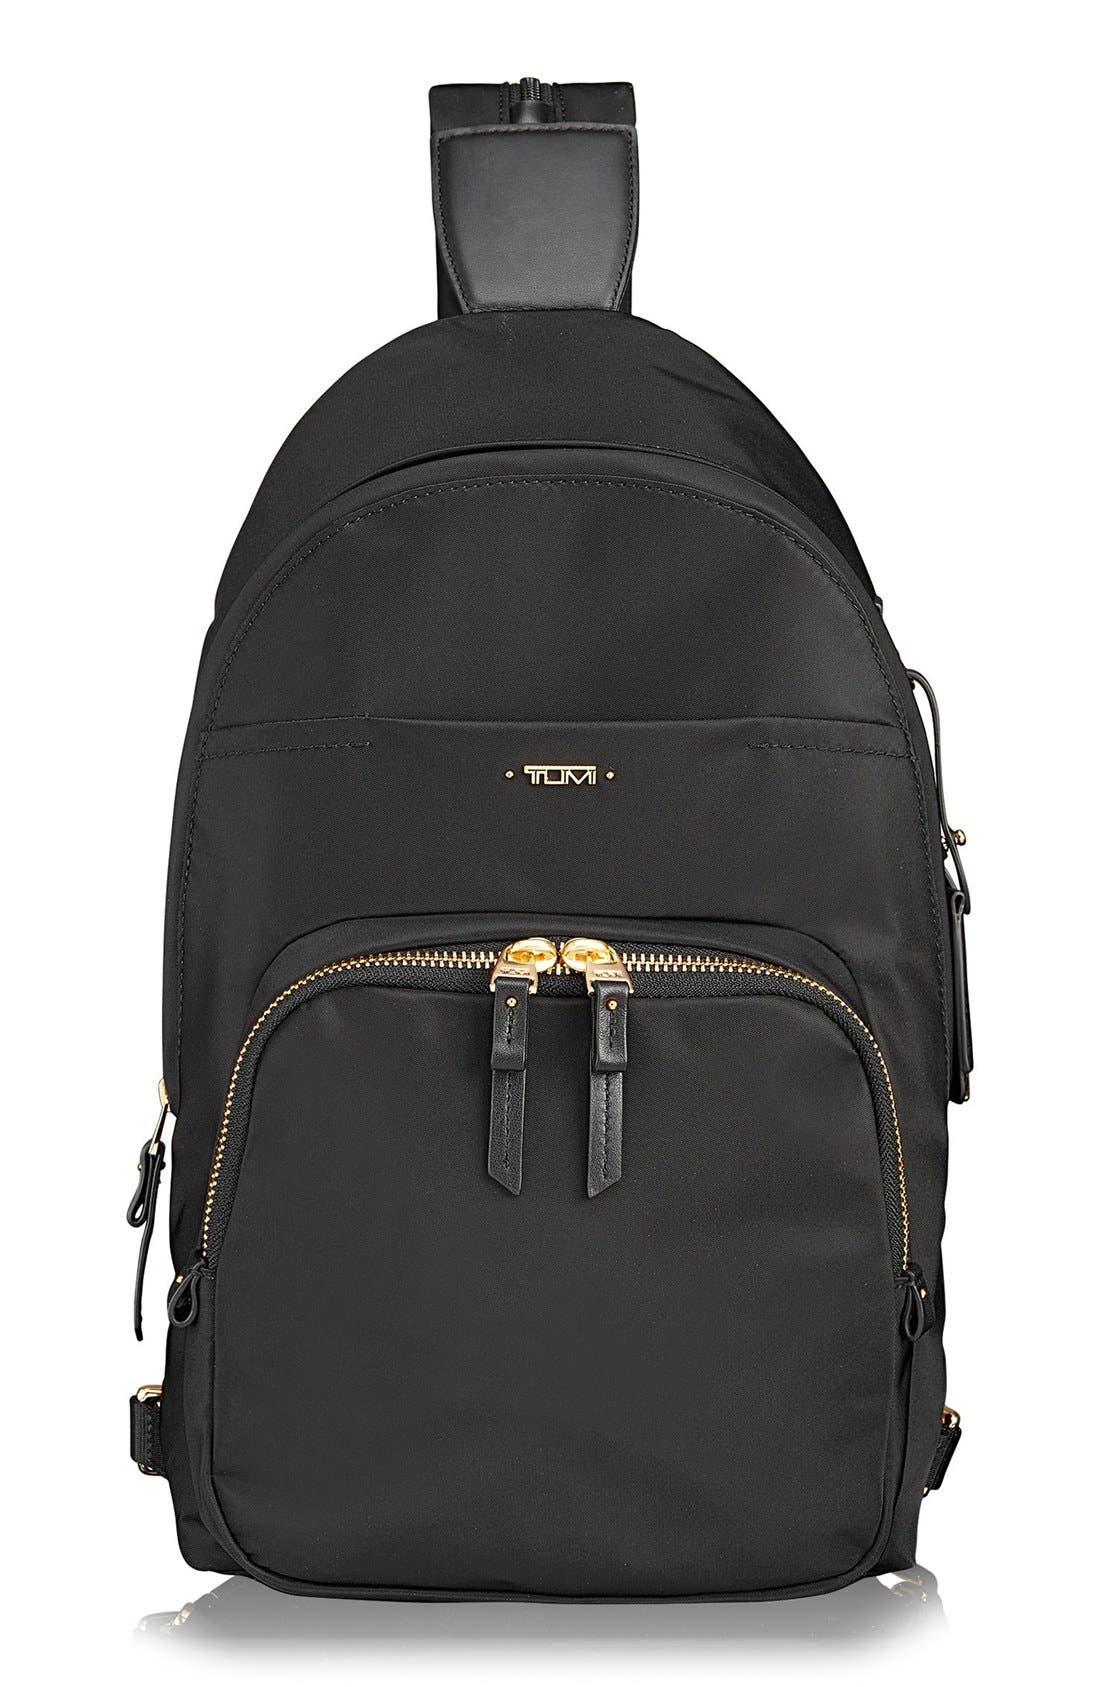 Tumi 'Nadia' Convertible Backpack